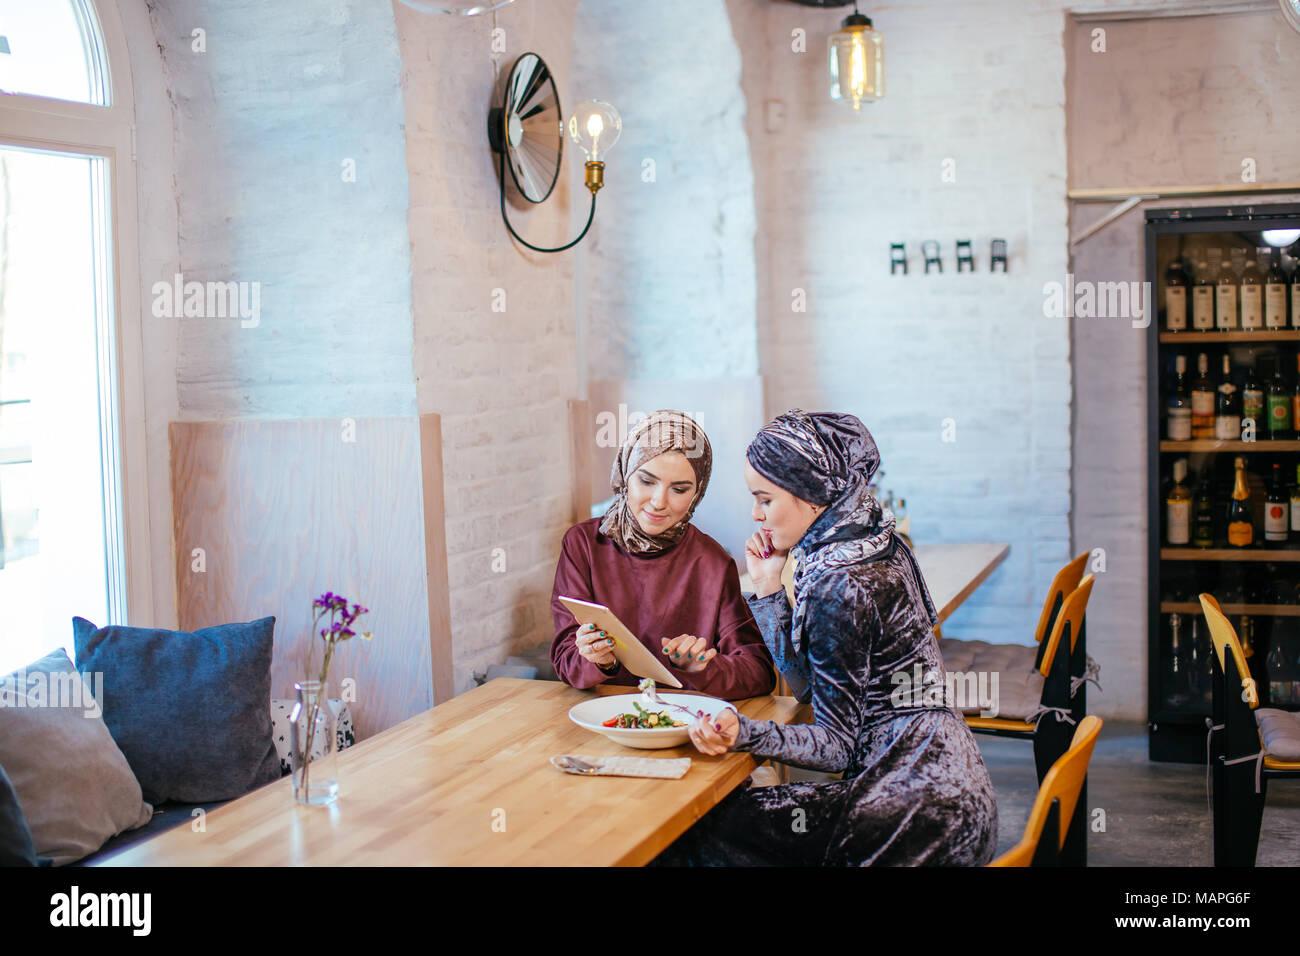 Dos business partner con tablet delante de su tienda de café Imagen De Stock